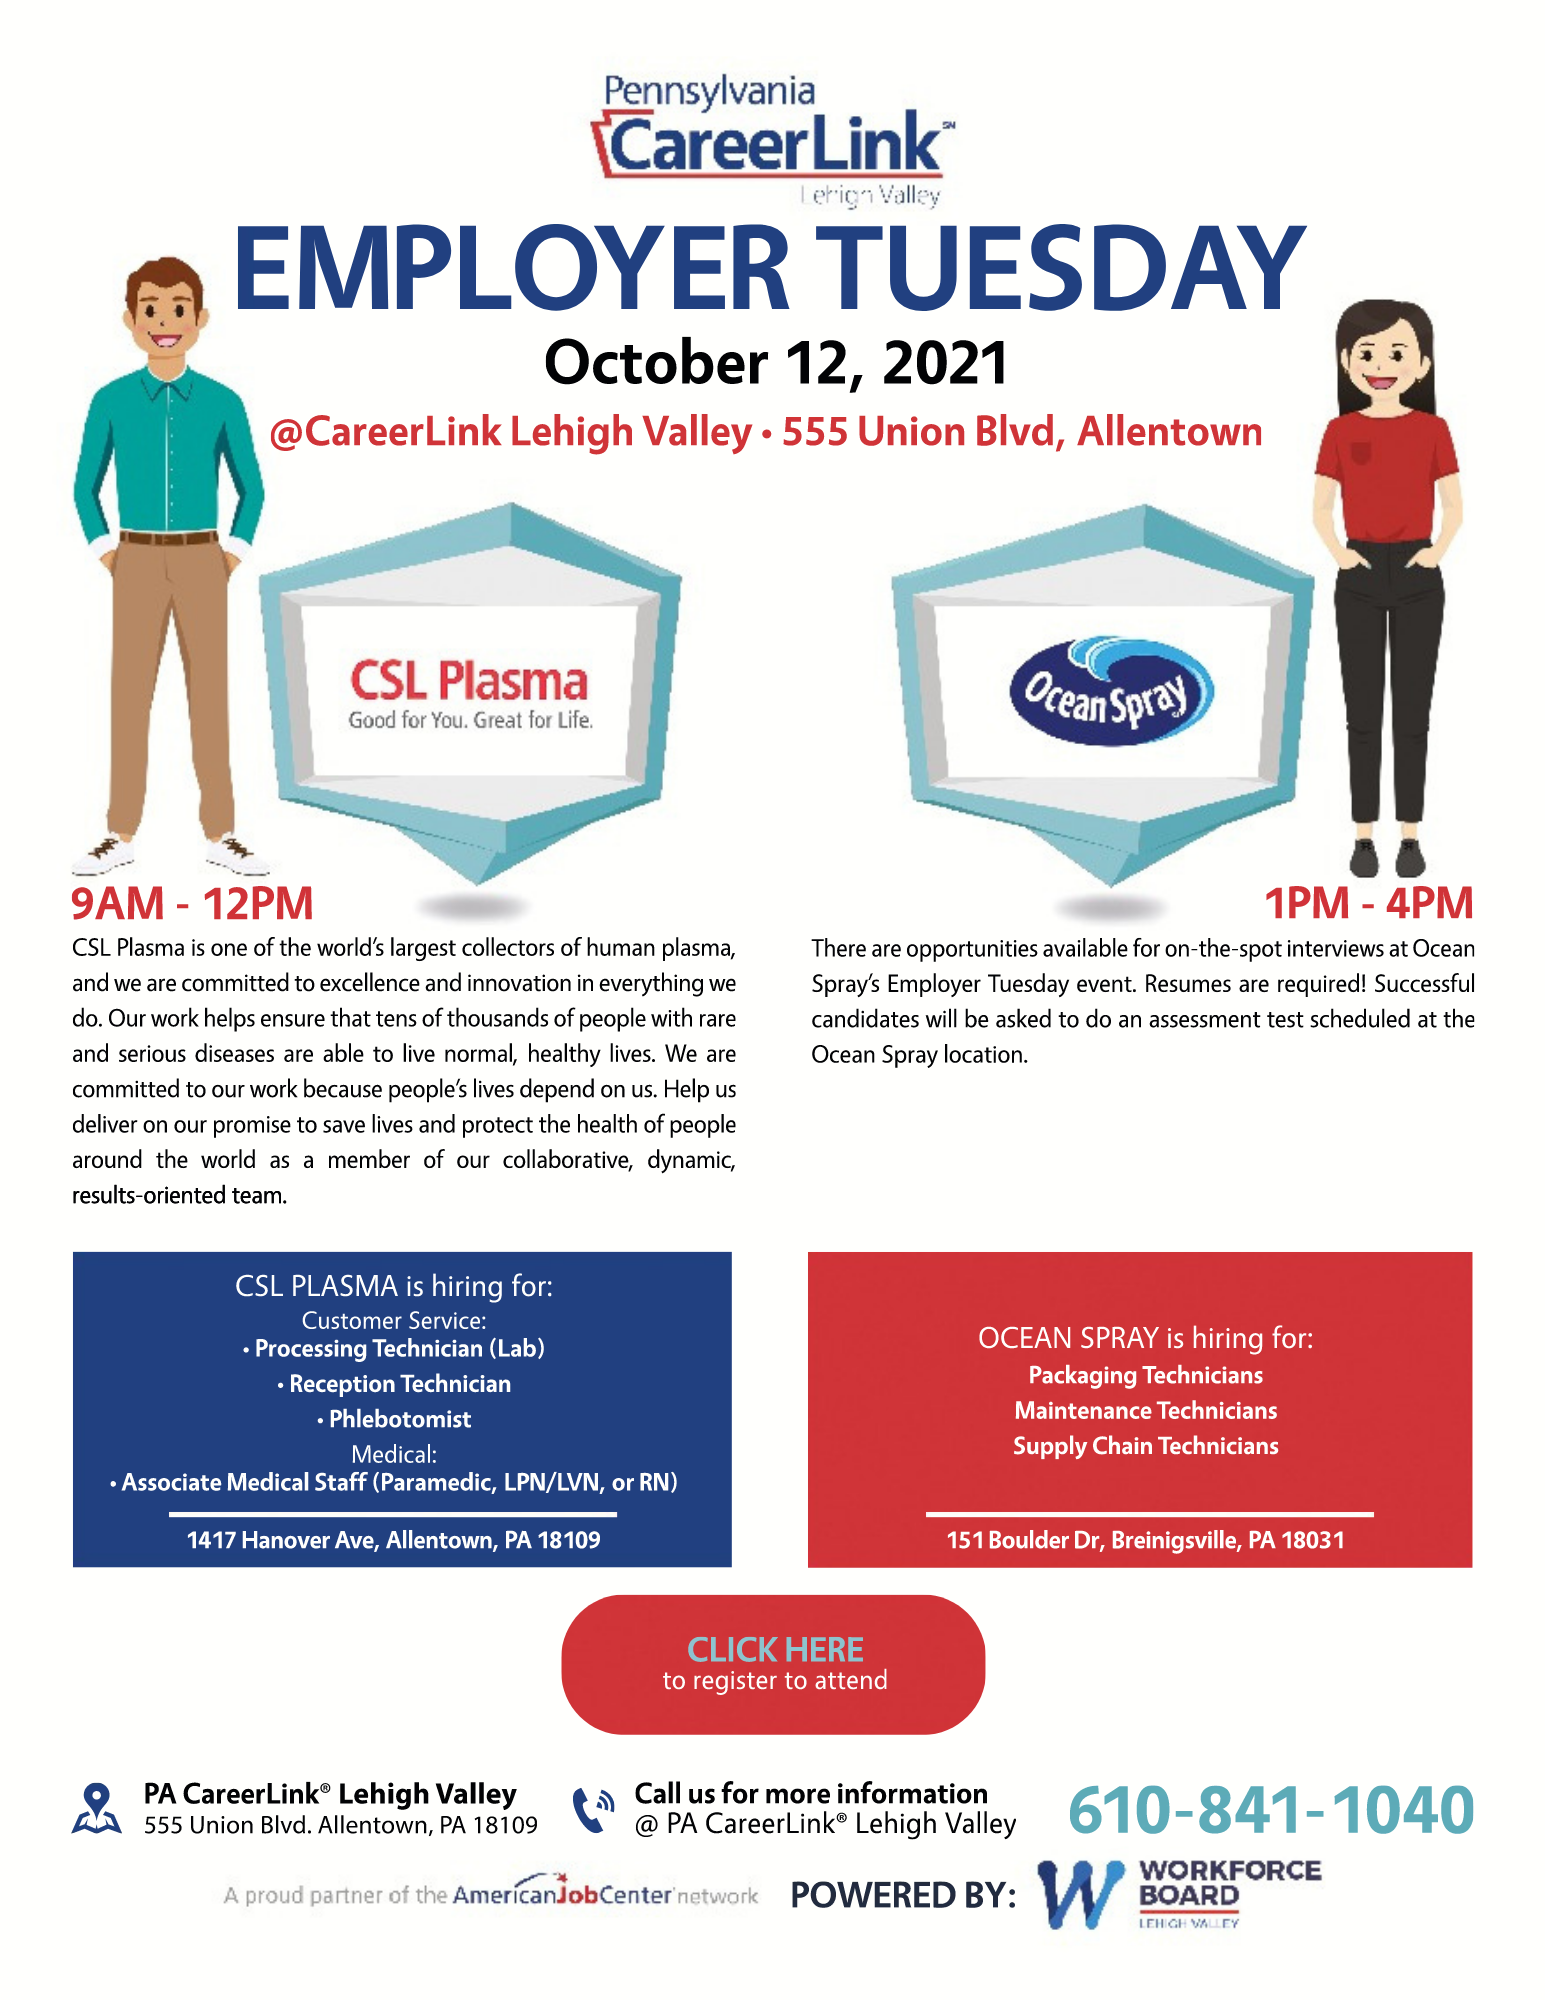 Employer Tuesday October 12 flyer